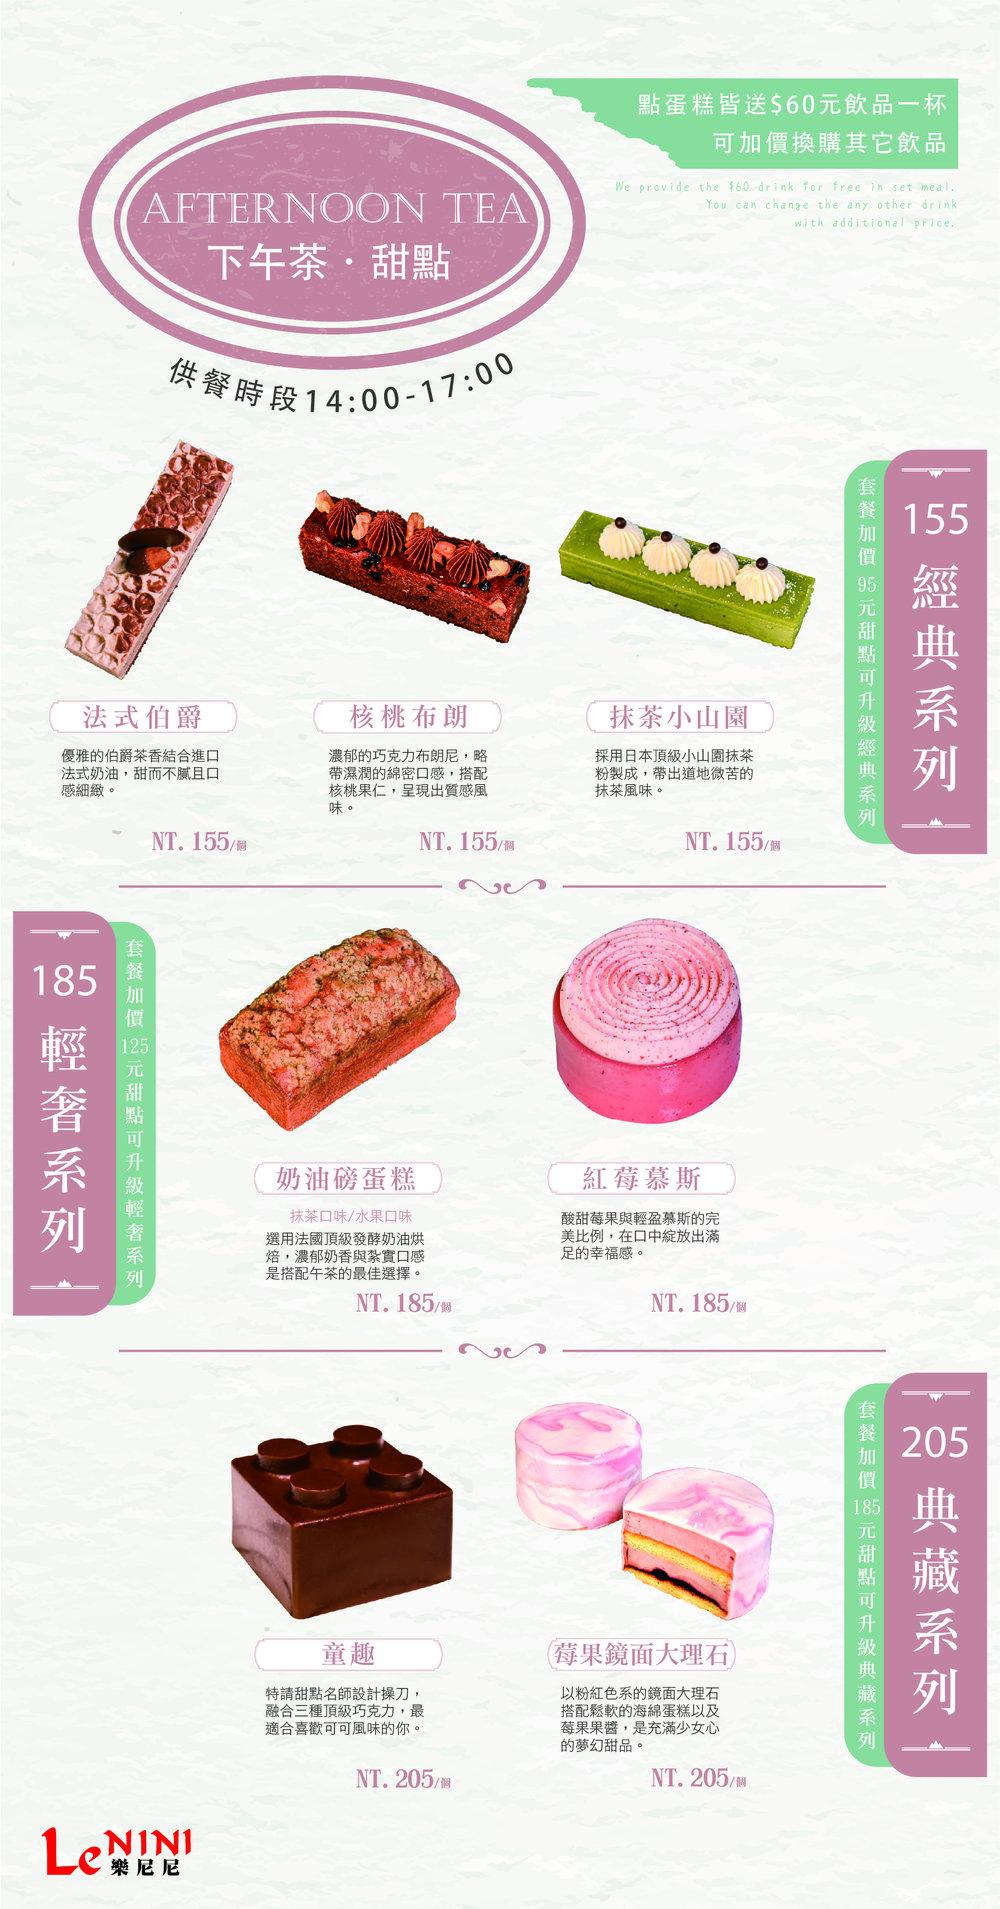 1071022_樂尼尼下午茶菜單_15x29cm-05.jpg